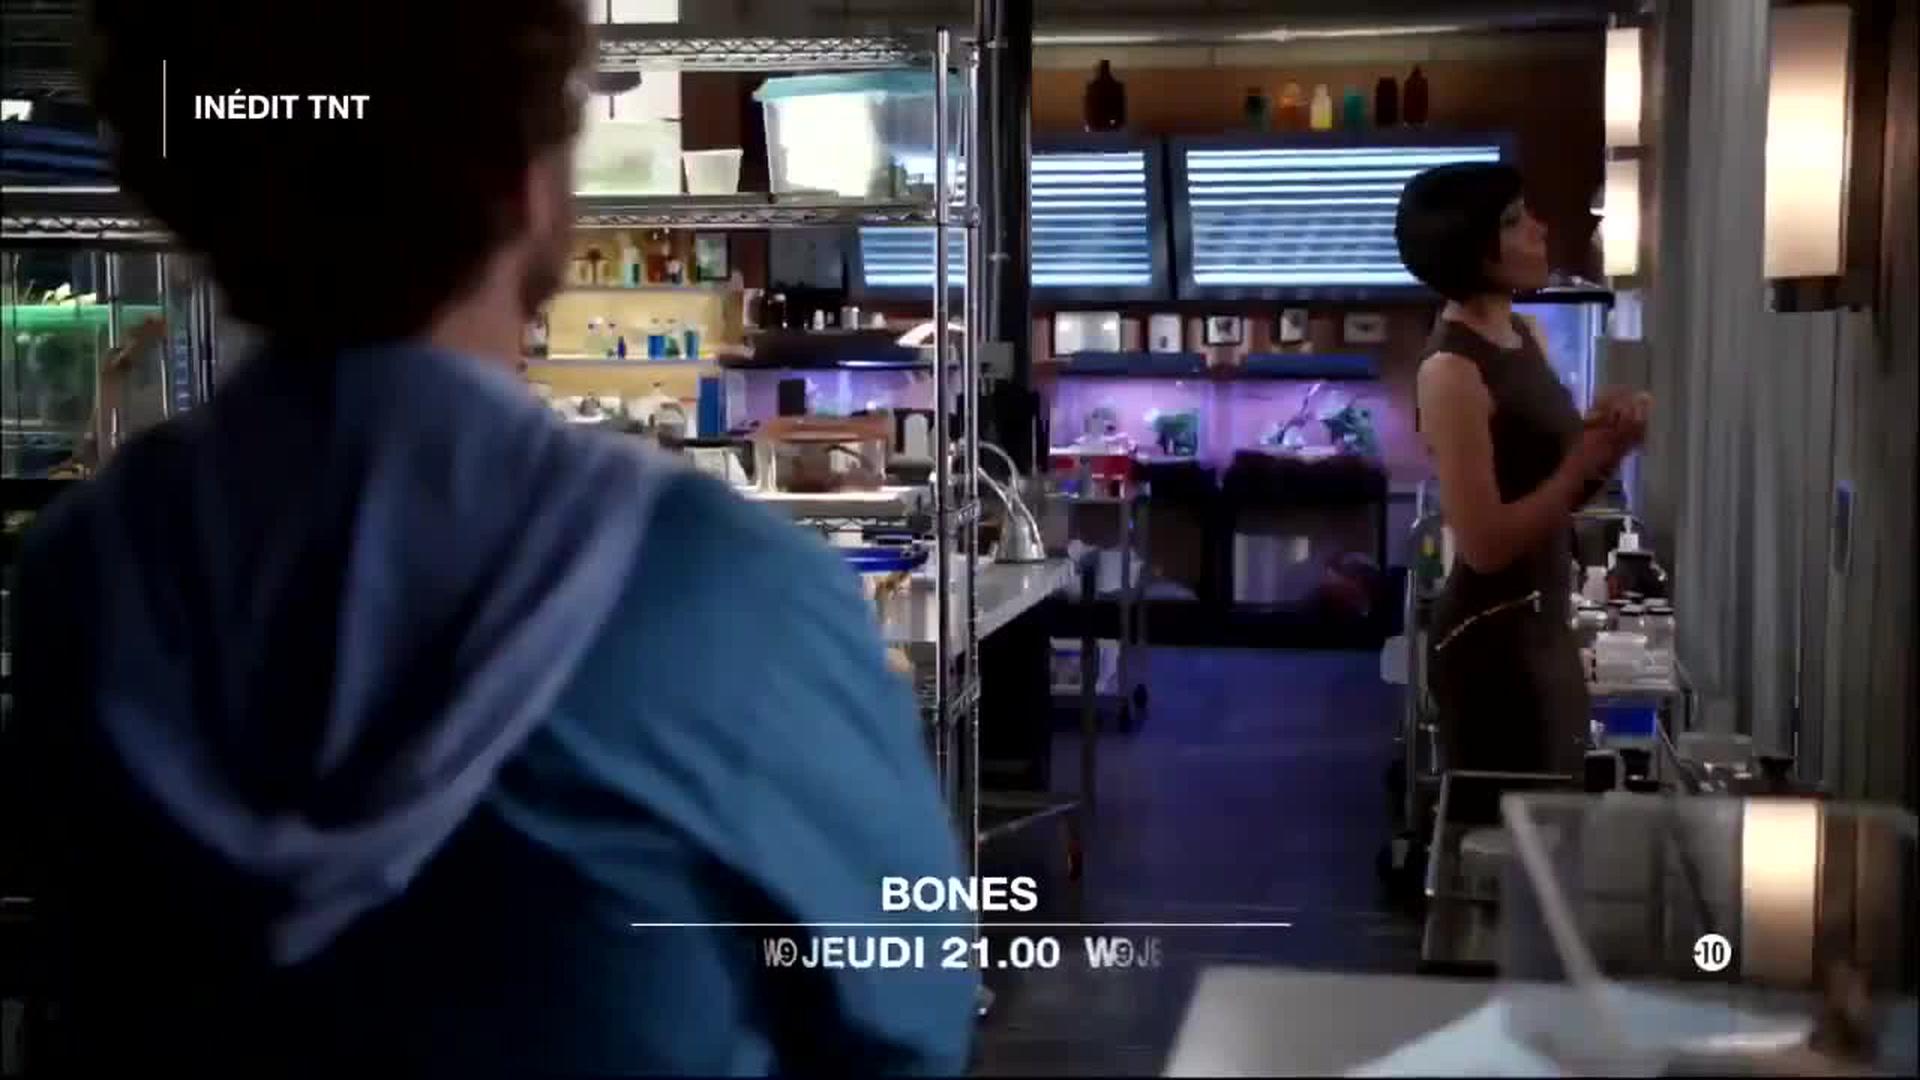 Bones : Les passages verts